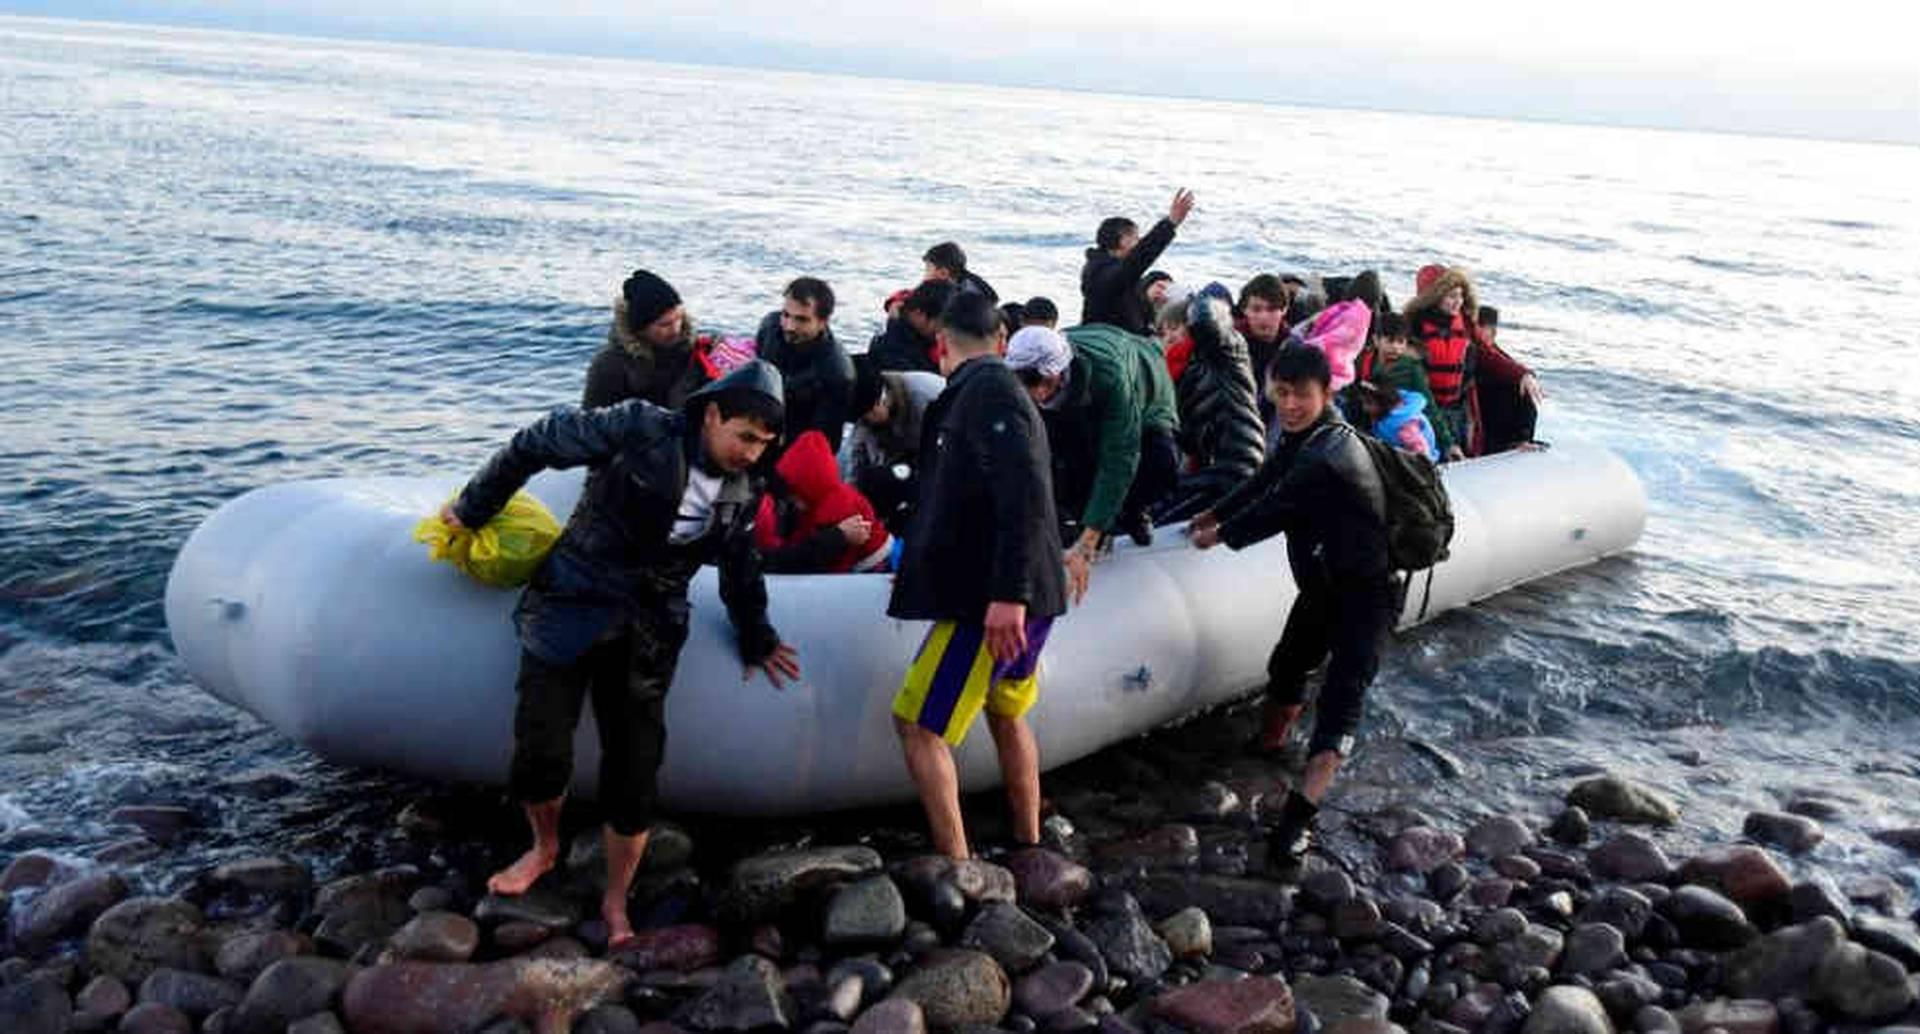 Se espera la llegada de unos 13.000 sirios a las costas griegas en los próximos días.